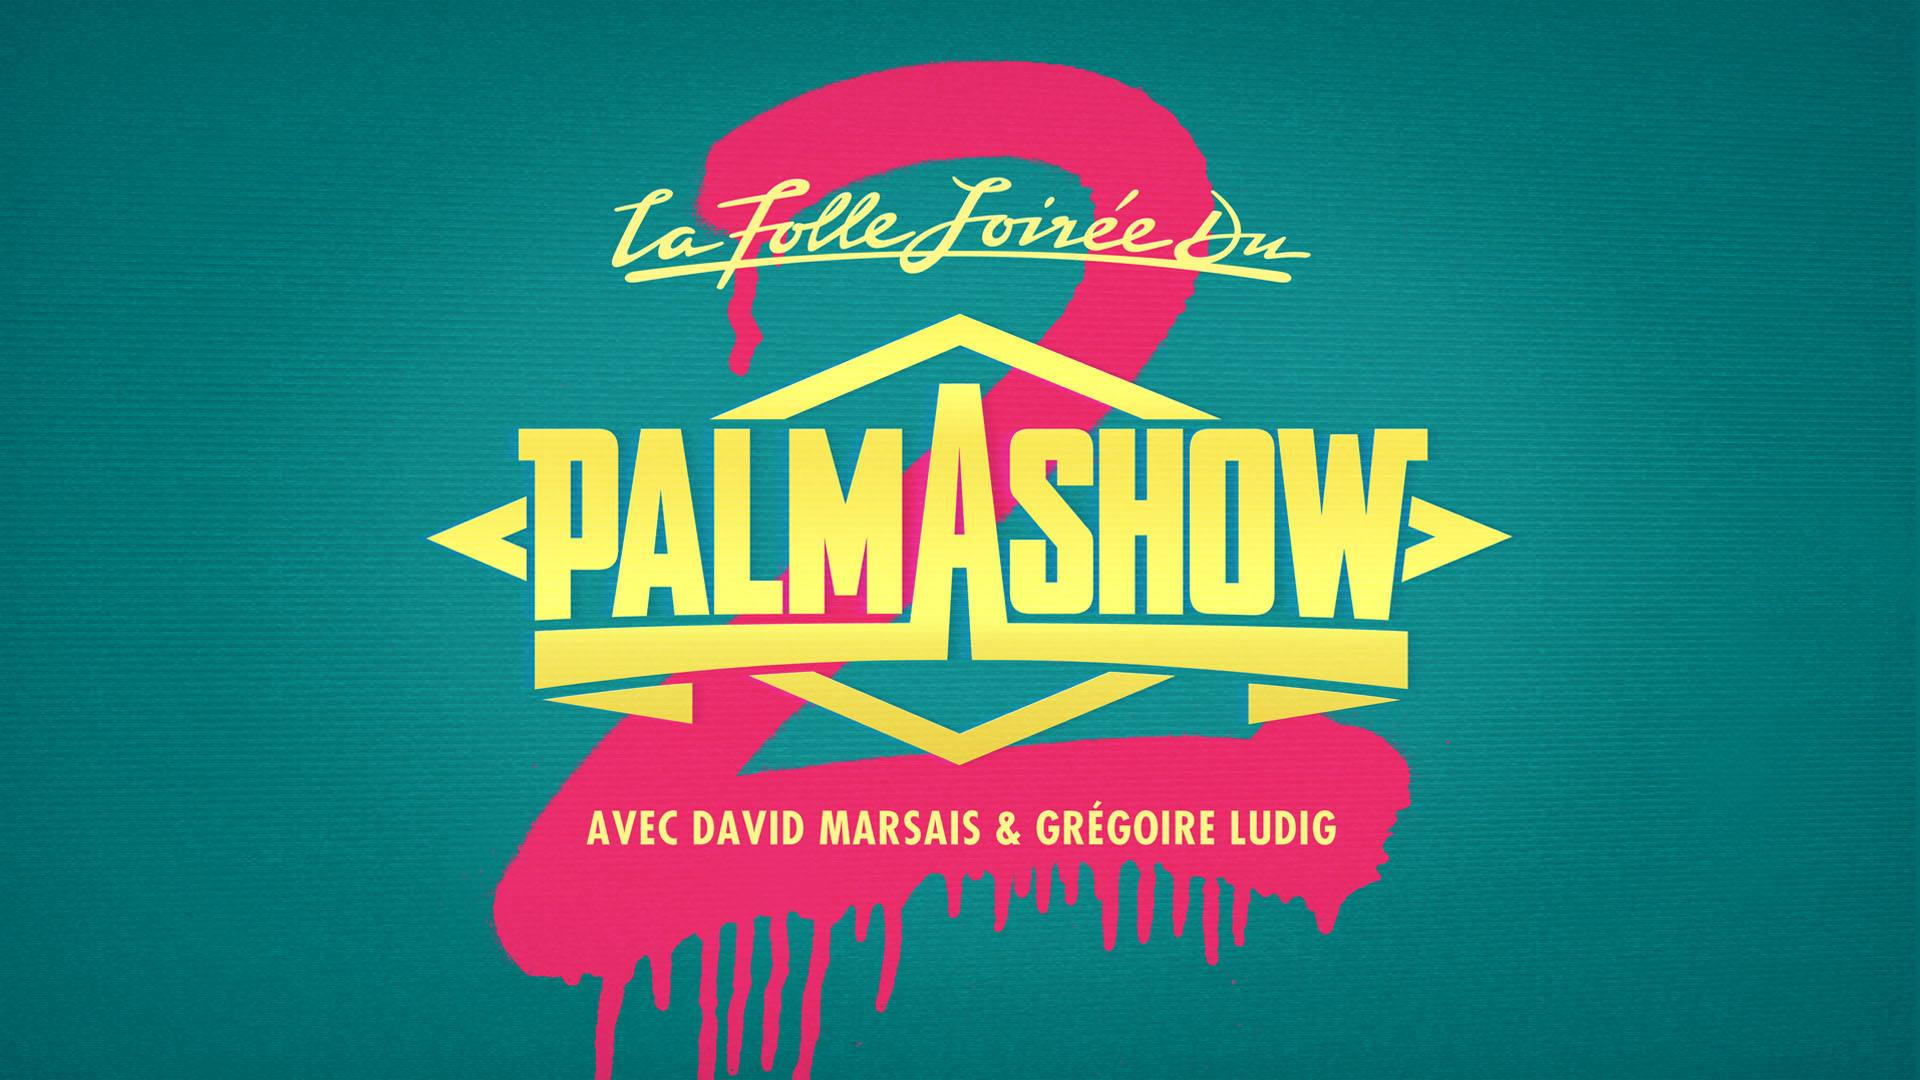 Palmashow2